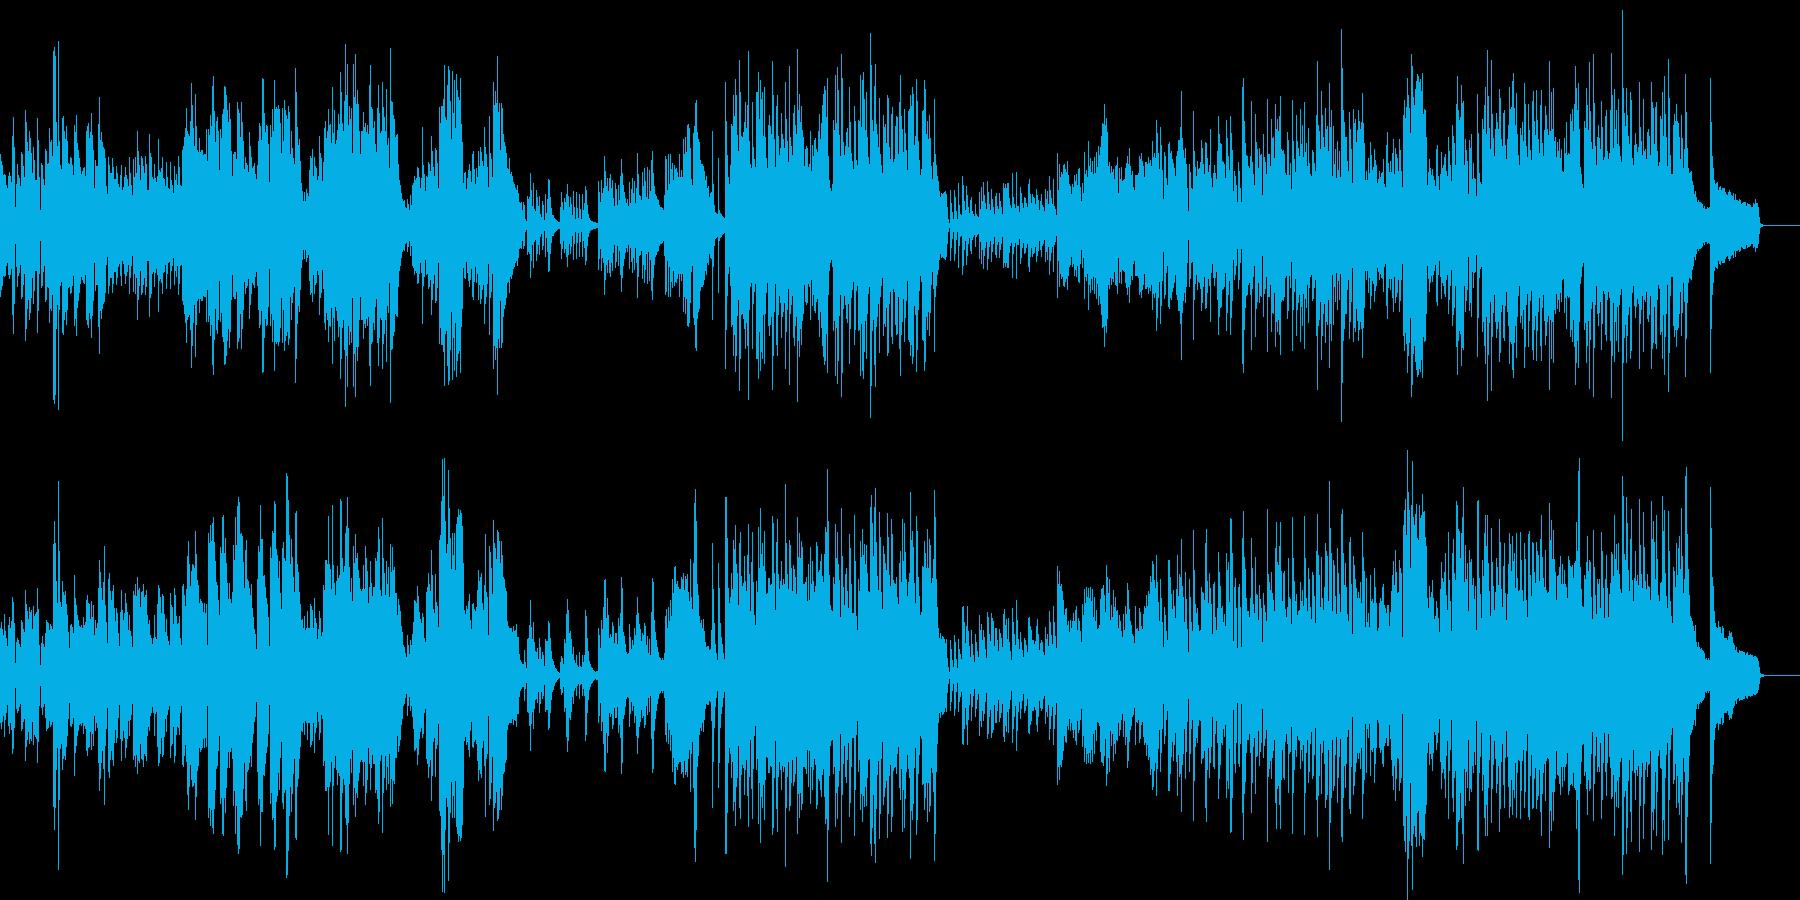 童話 子供向け映像に適したピアノソロの再生済みの波形